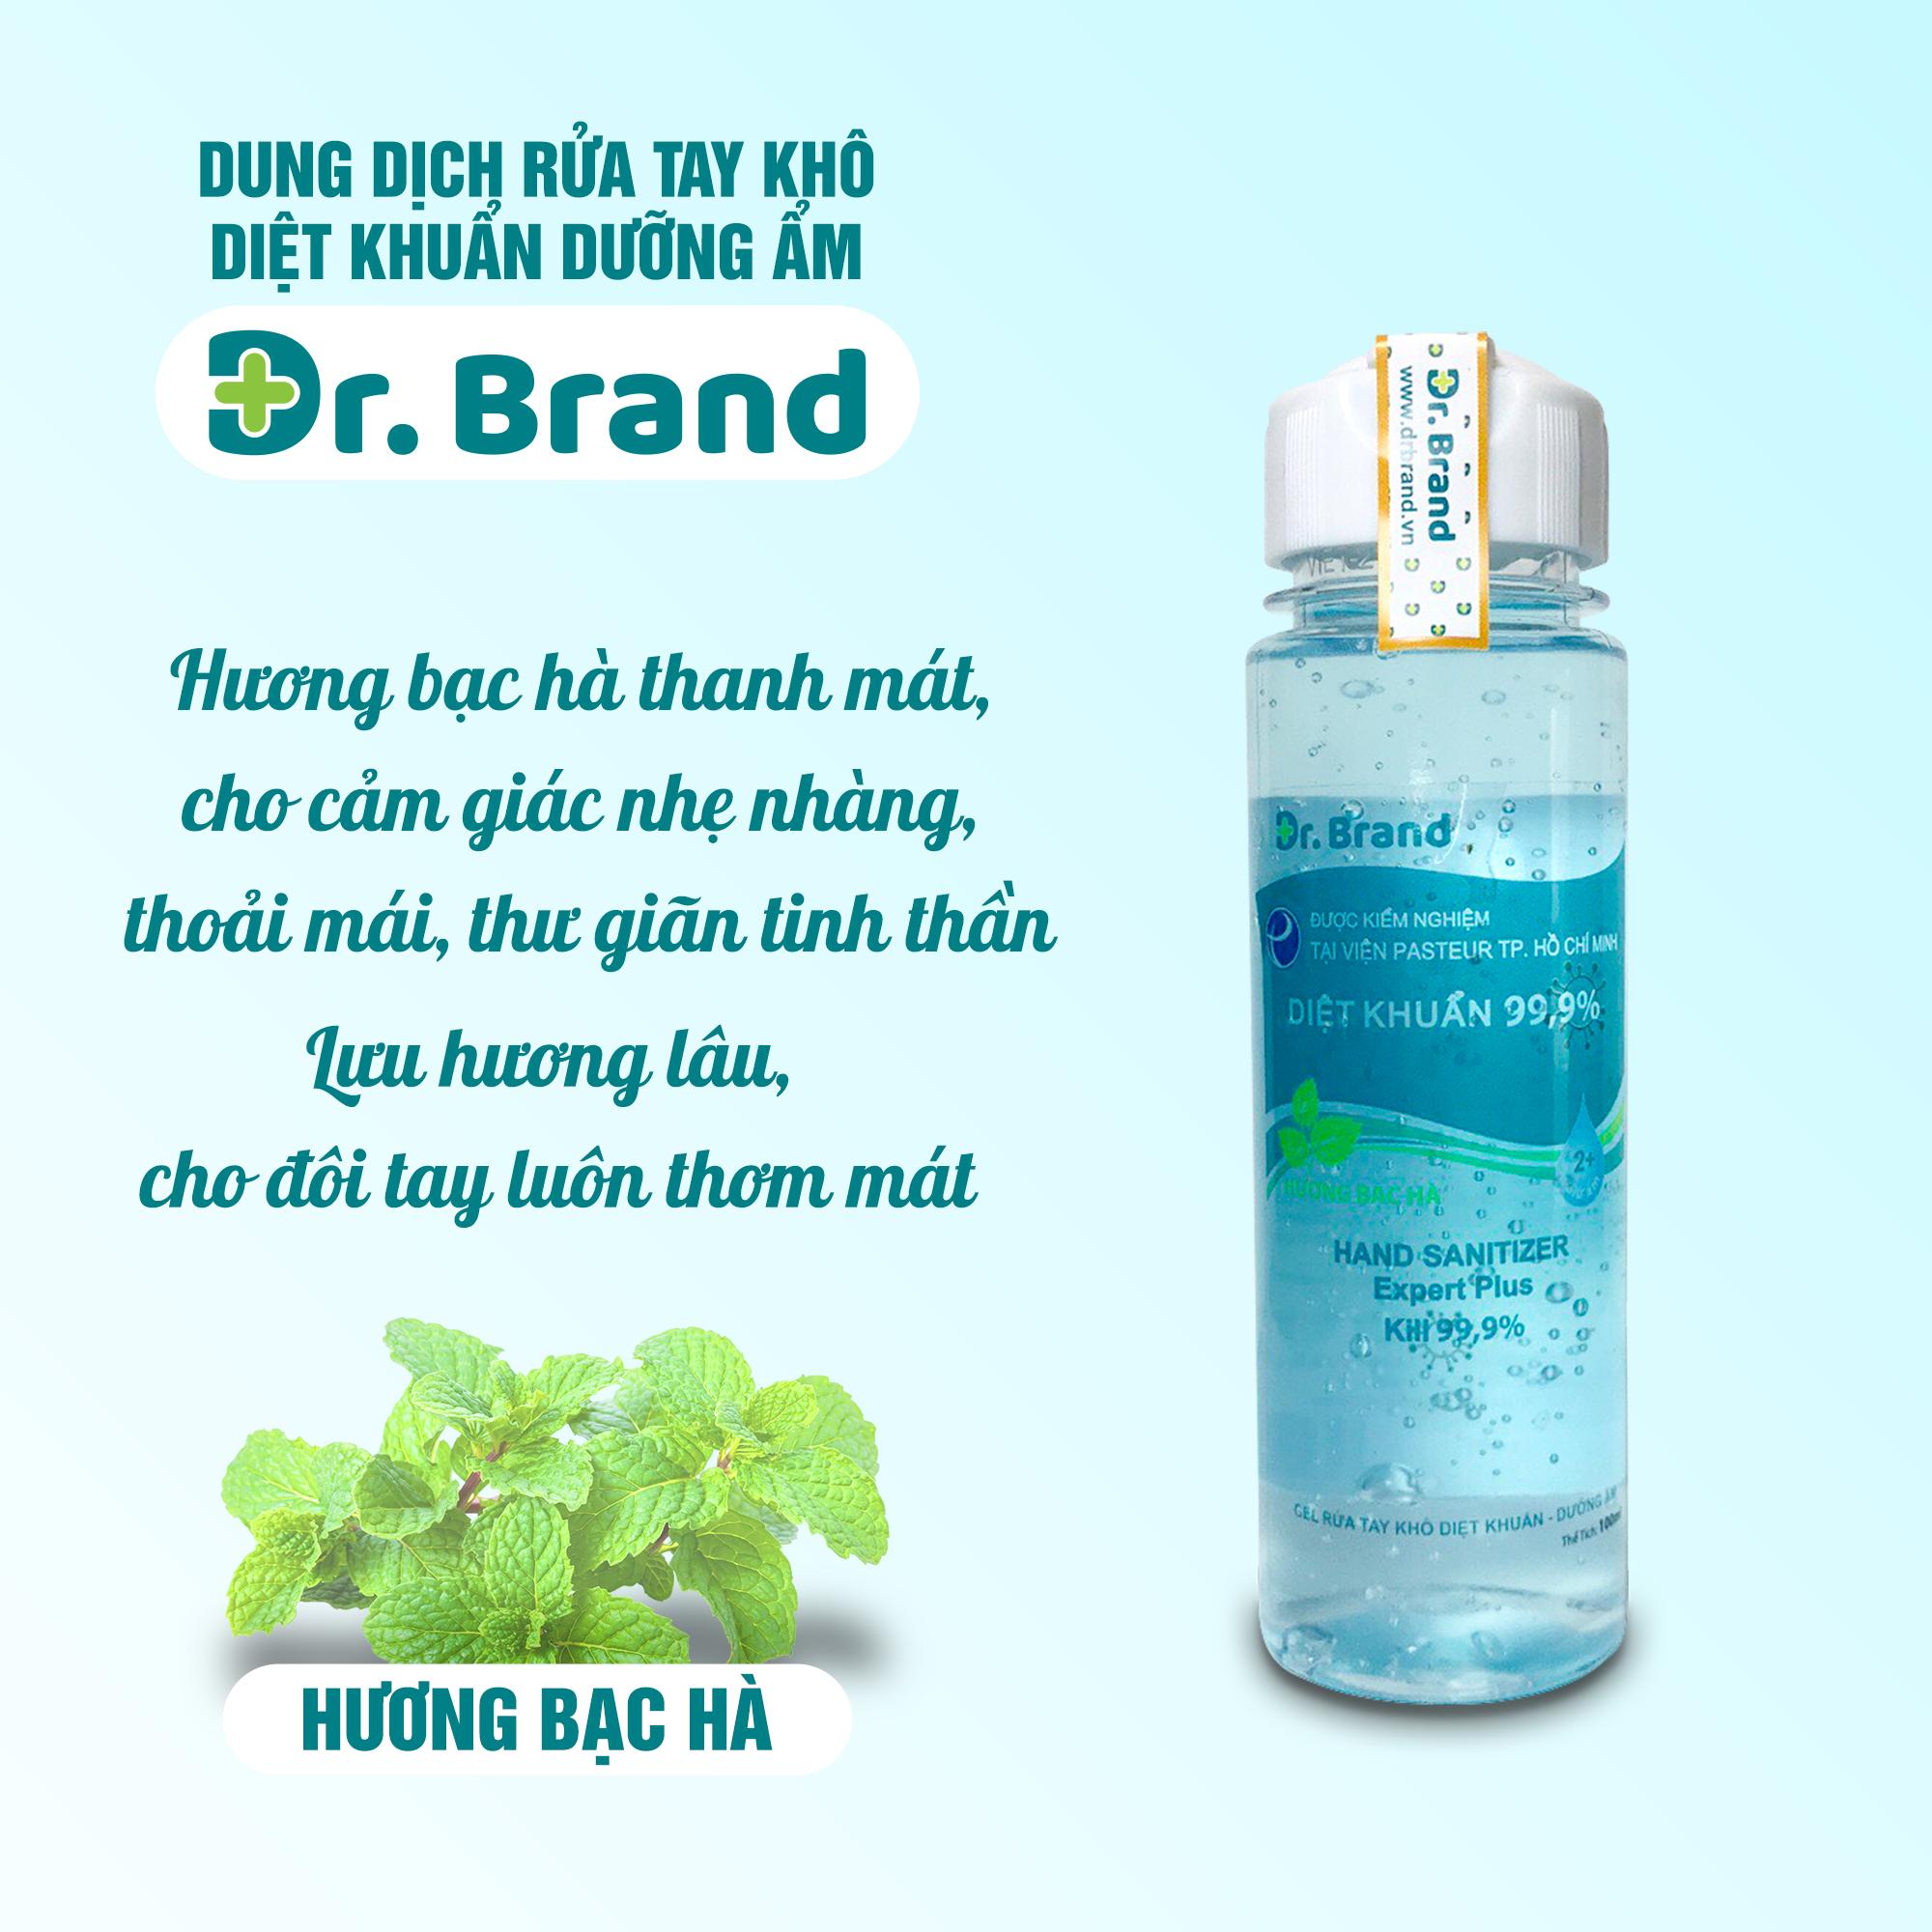 Nước rửa tay khô diệt khuẩn, diệt virus chuyên dùng cho nhân viên y tế, được kiểm nghiệm tại viện Pasteur Tp.Hồ Chí Minh – Dr.Brand – Hương Bạc Hà 100ml -Tặng vòng tay chỉ đỏ may mắn